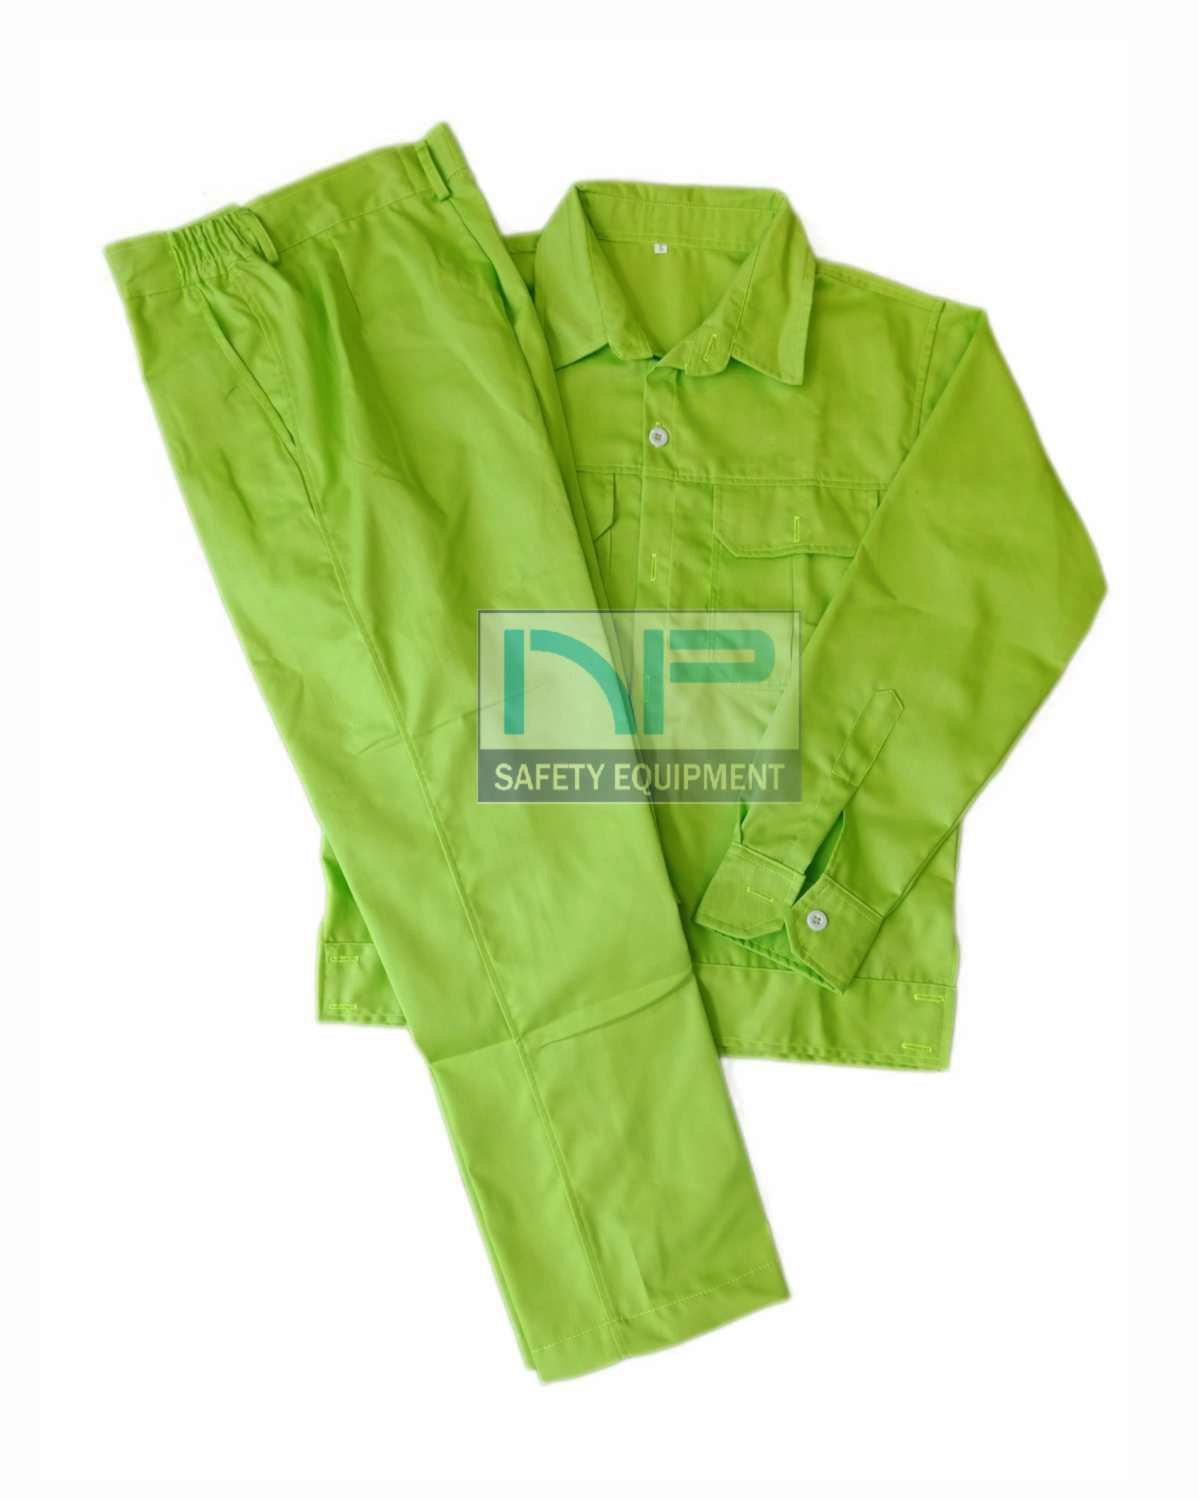 Quần áo vải kaki ND màu nõn chuối